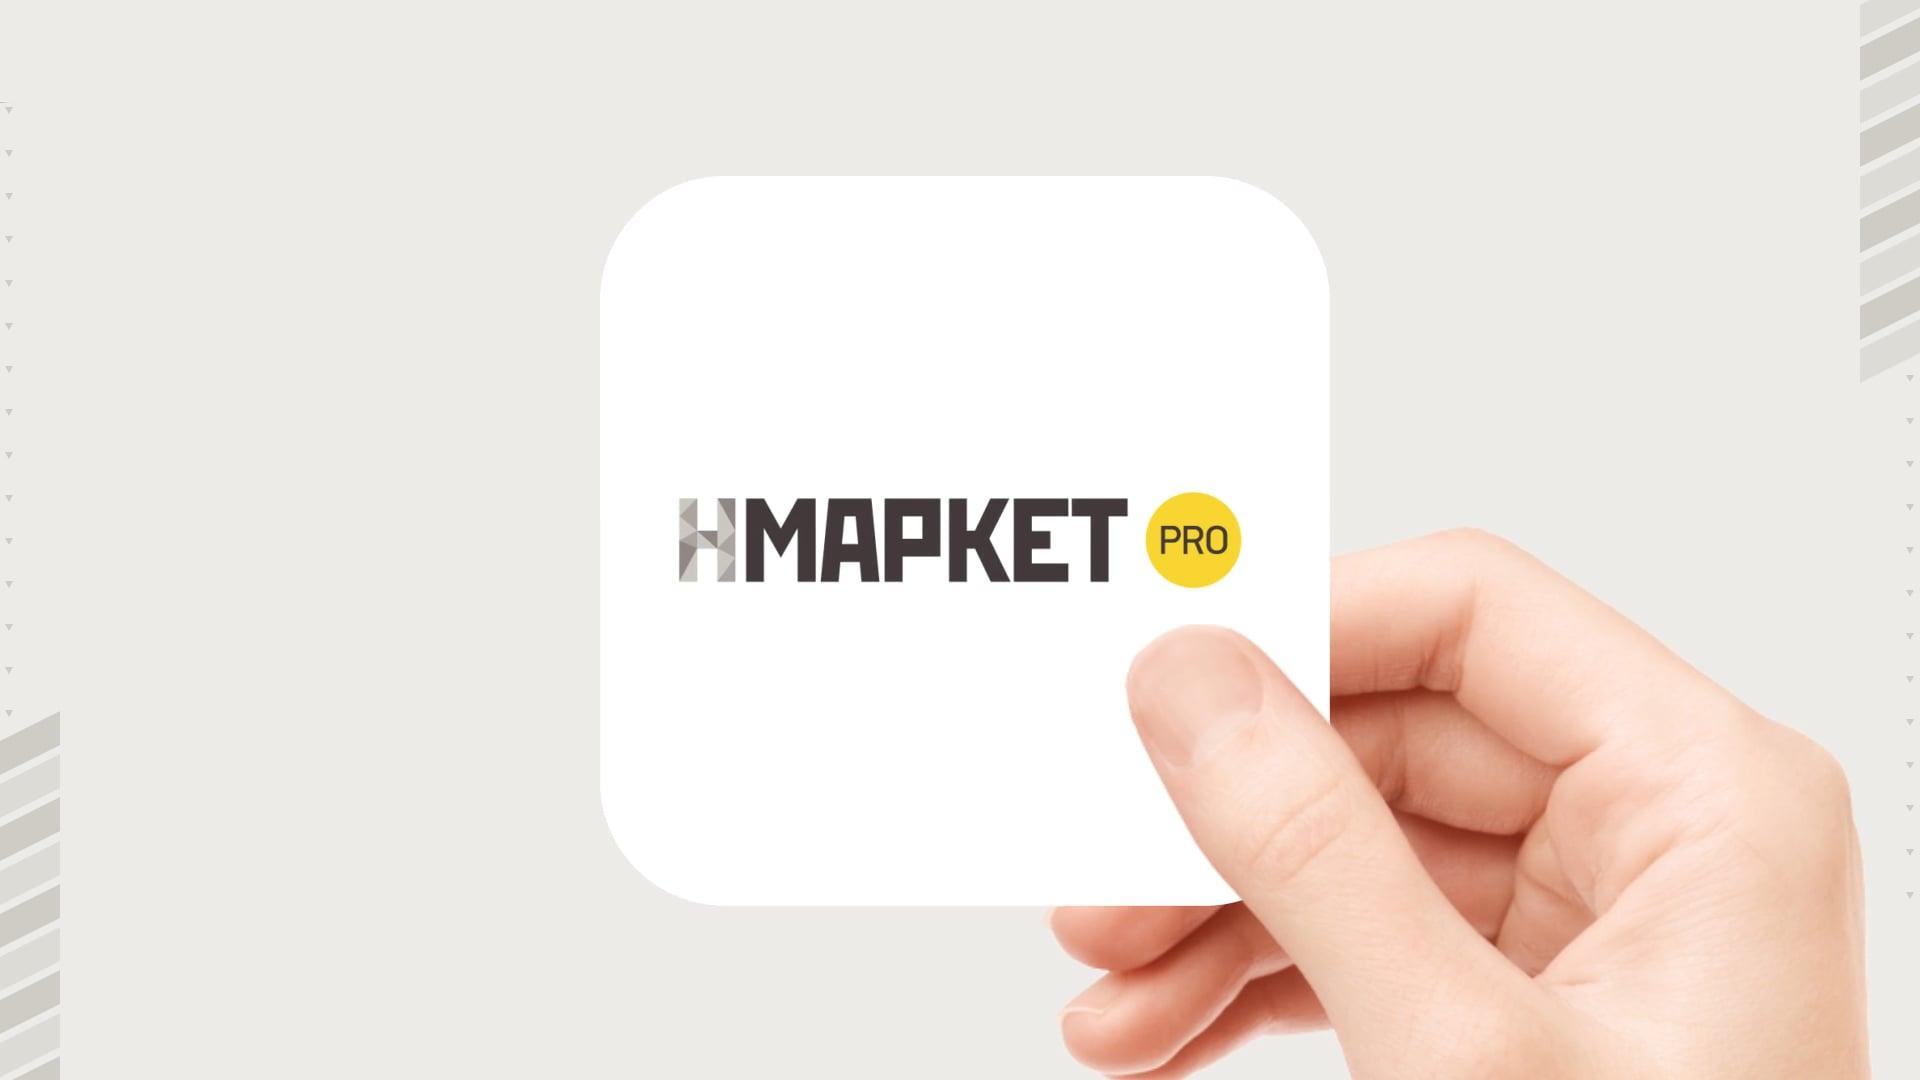 Эксплейнер - как установить приложении Нмаркет.ПРО